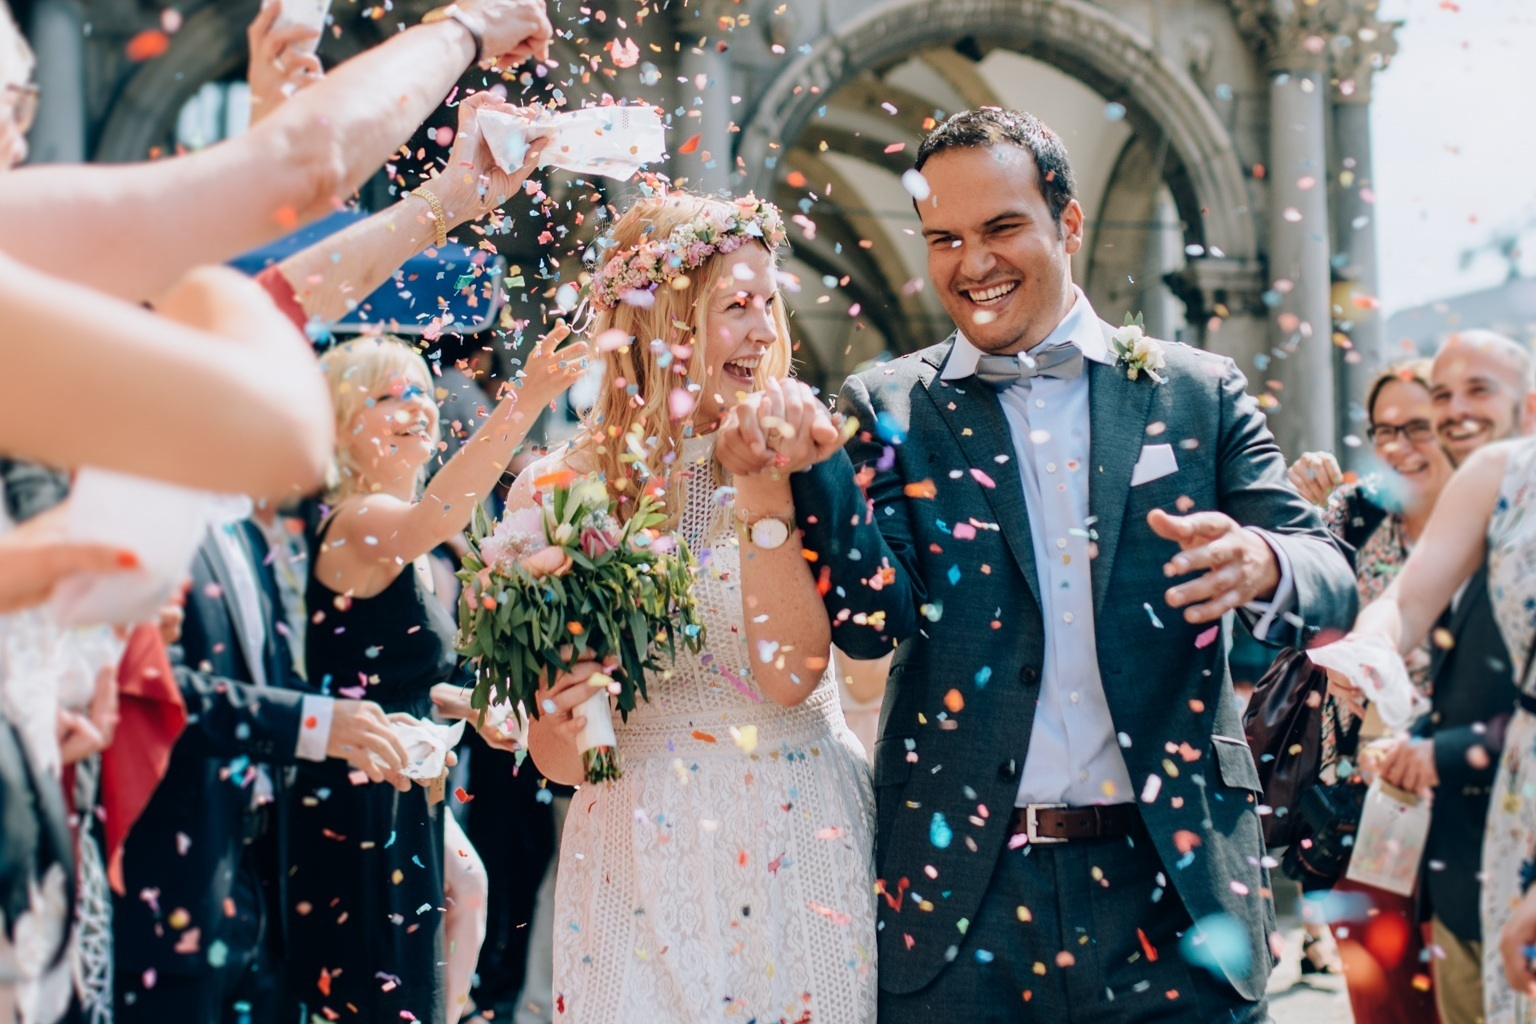 ausbildung Hochzeitsfotograf Köln Kurs für Hochzeitsfotografie